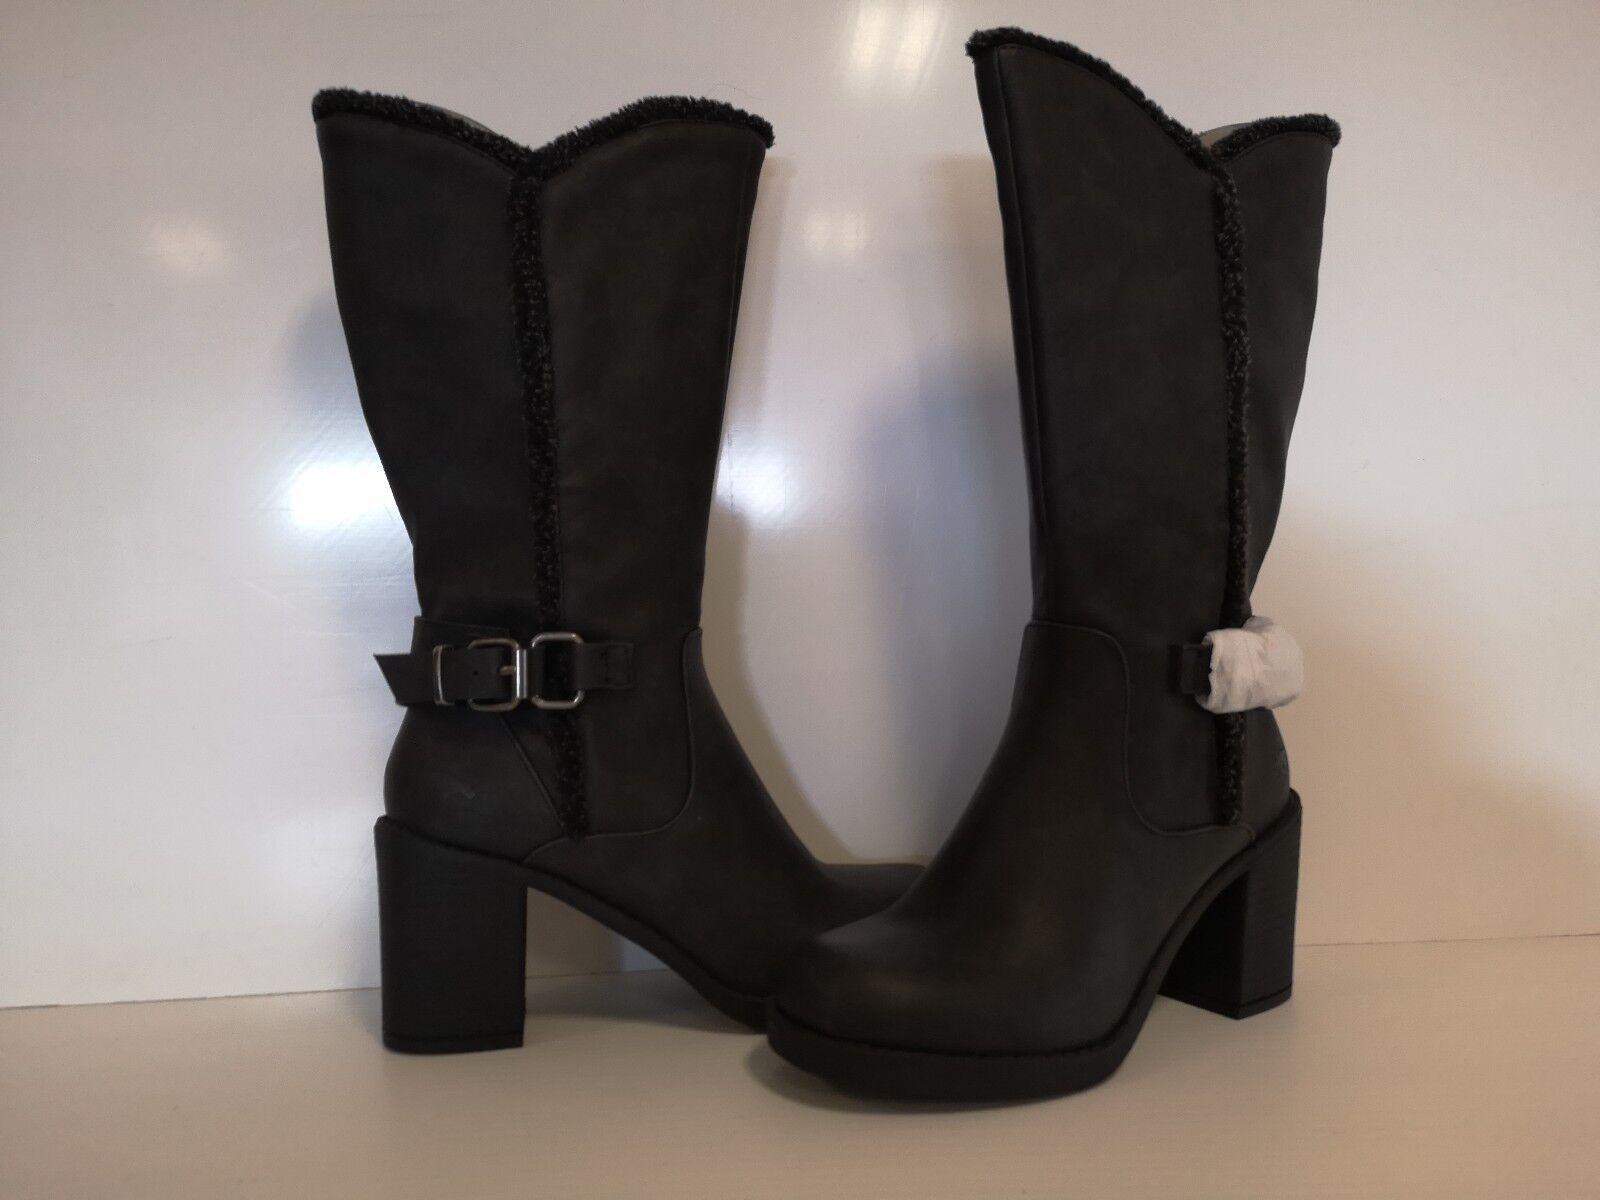 Rocketdog Sadler botas (Tamaño 5)